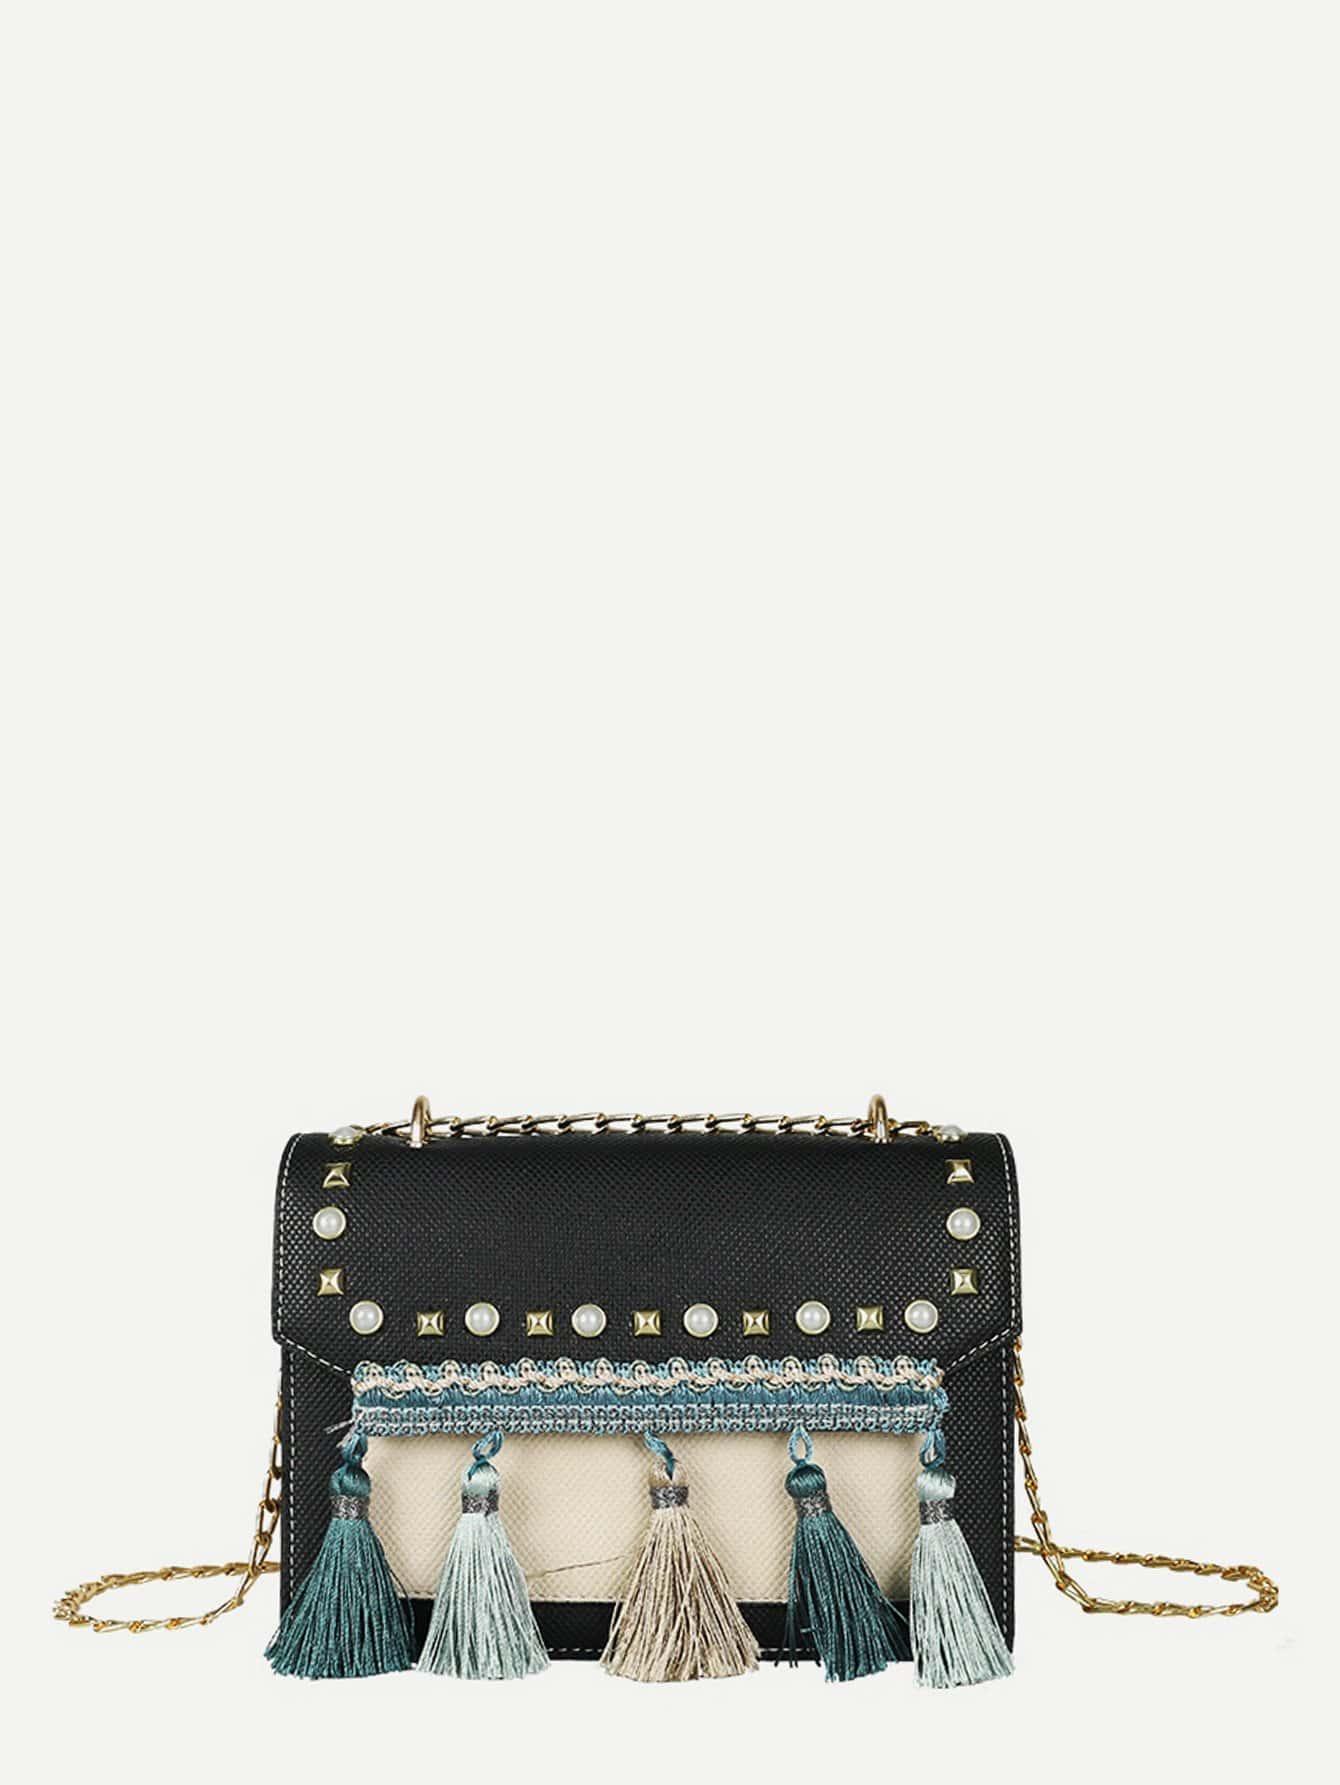 Tassel Detail Studded Chain Bag tassel detail studded chain bag